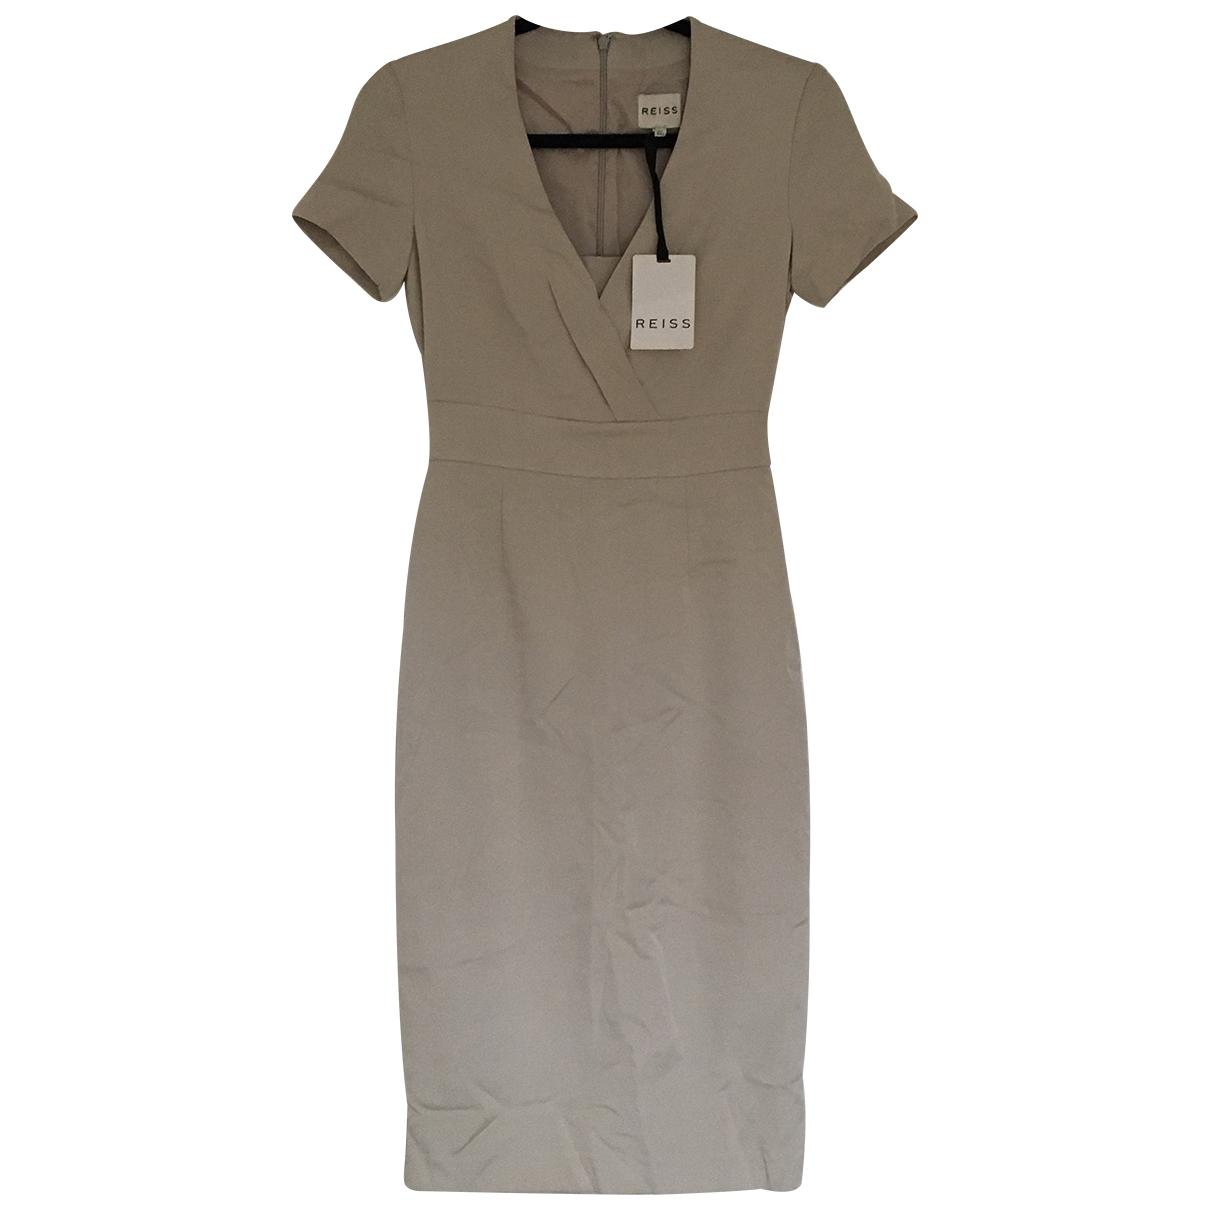 Reiss \N Beige dress for Women 6 UK